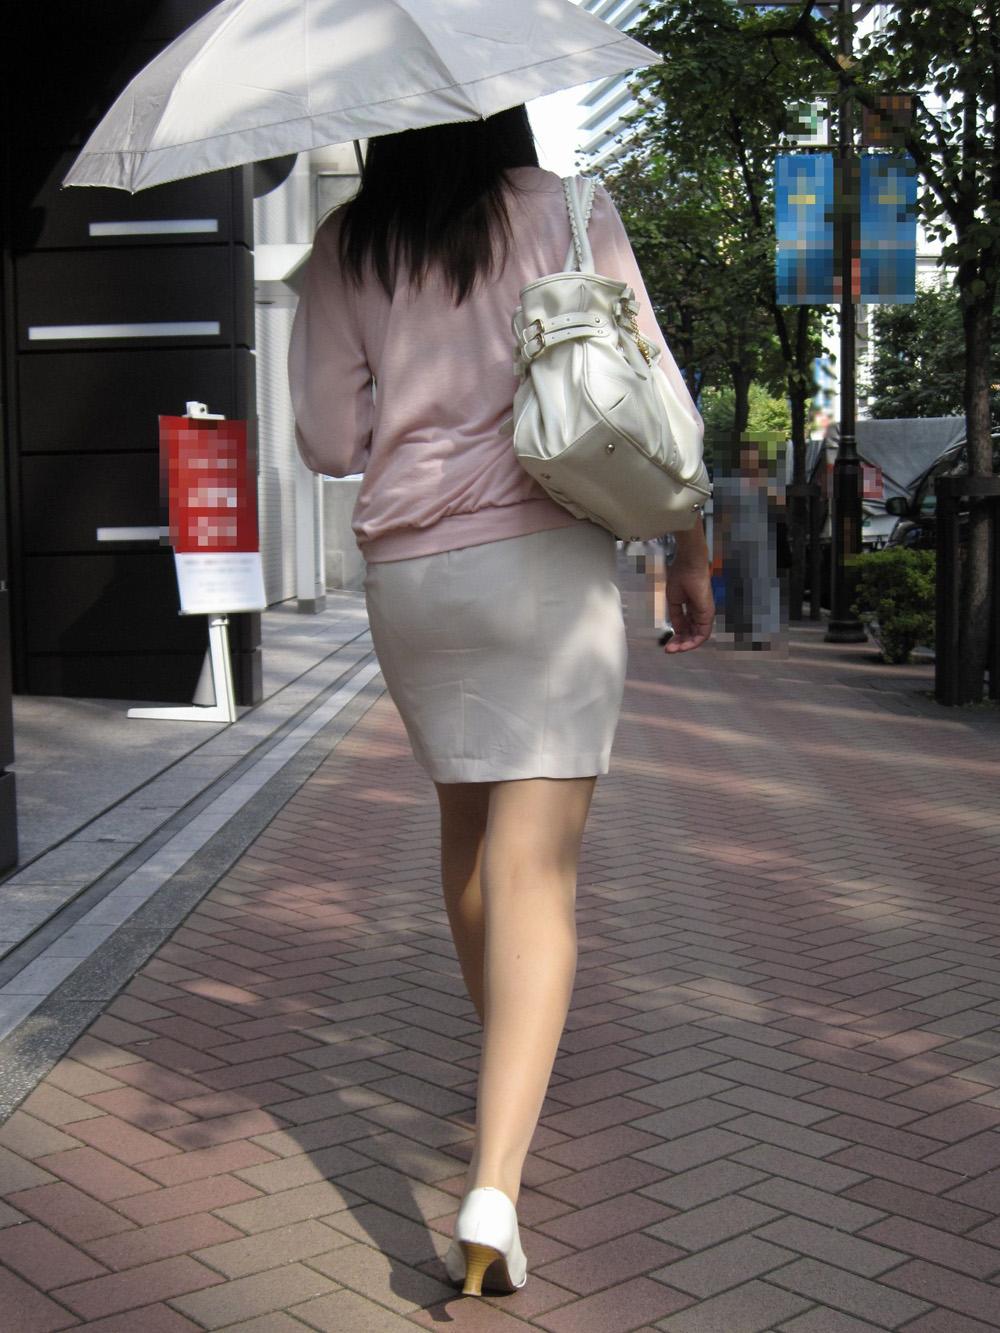 OLタイトスカート尻パンチラ透けパン太ももエロフェチ画像1枚目